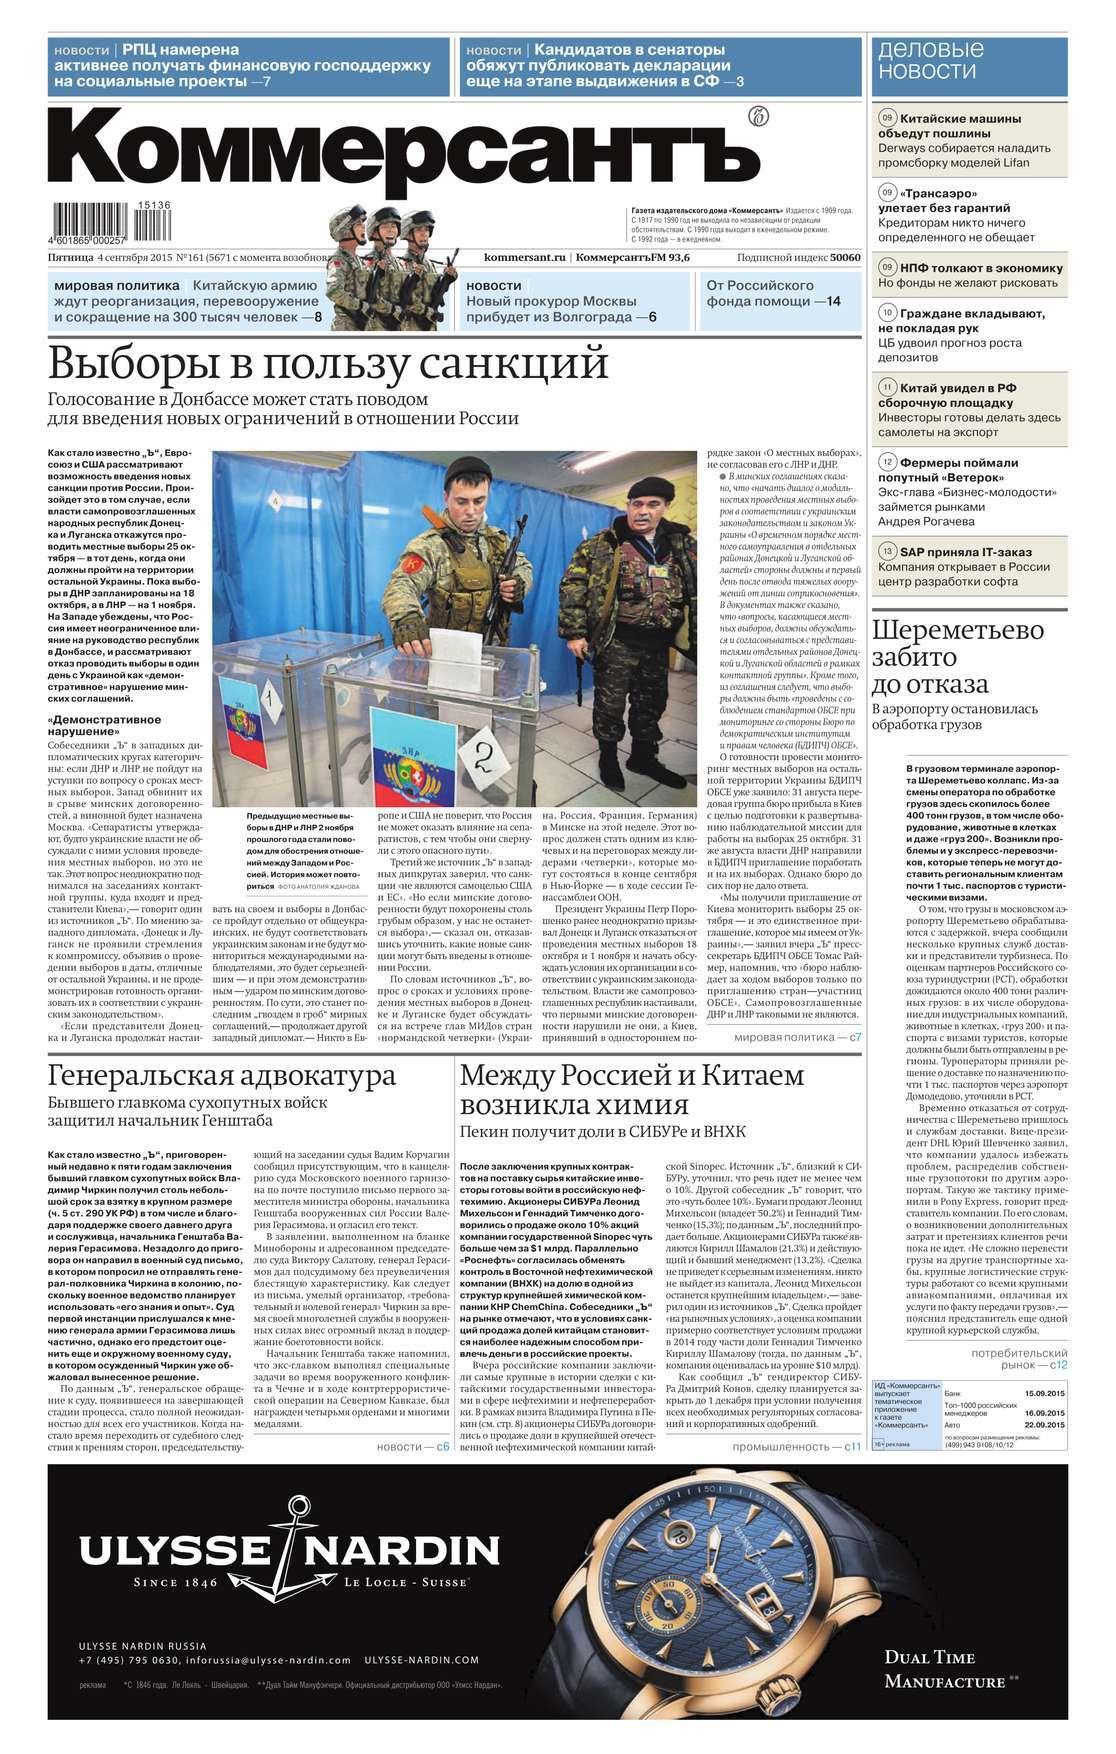 Скачать КоммерсантЪ 161-2015 бесплатно Редакция газеты КоммерсантЪ